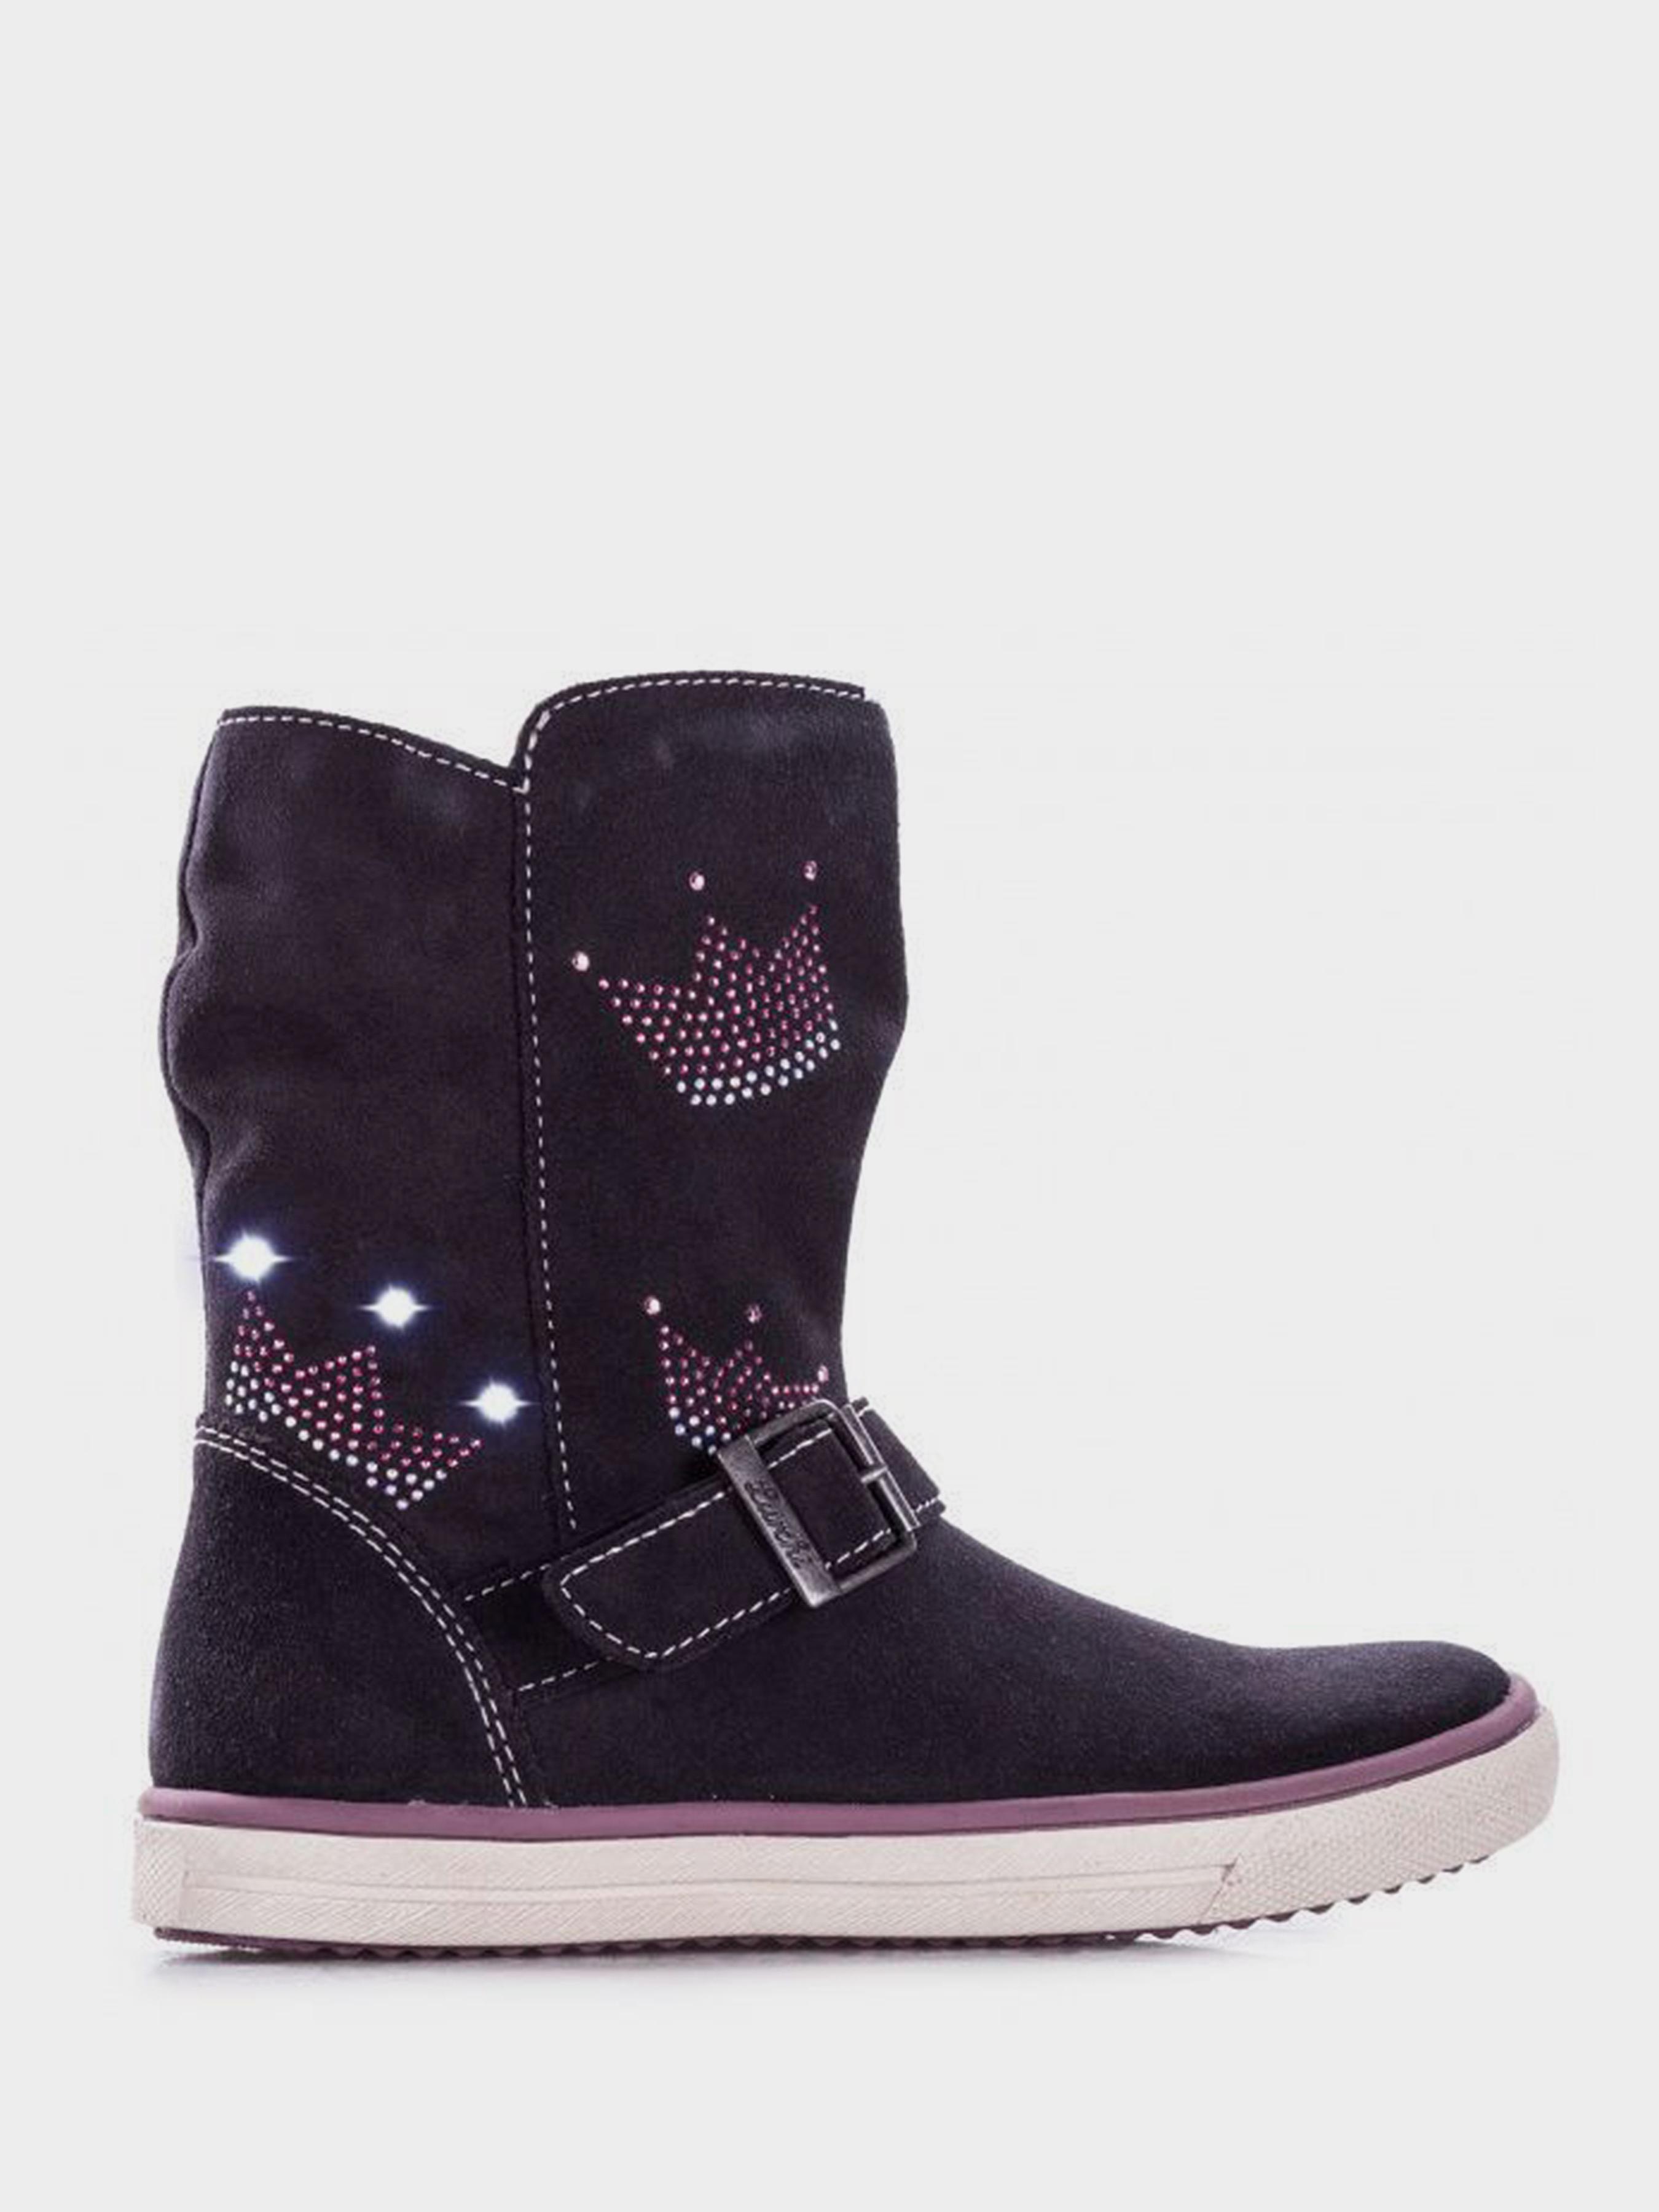 Сапоги детские Lurchi ZT215 цена обуви, 2017